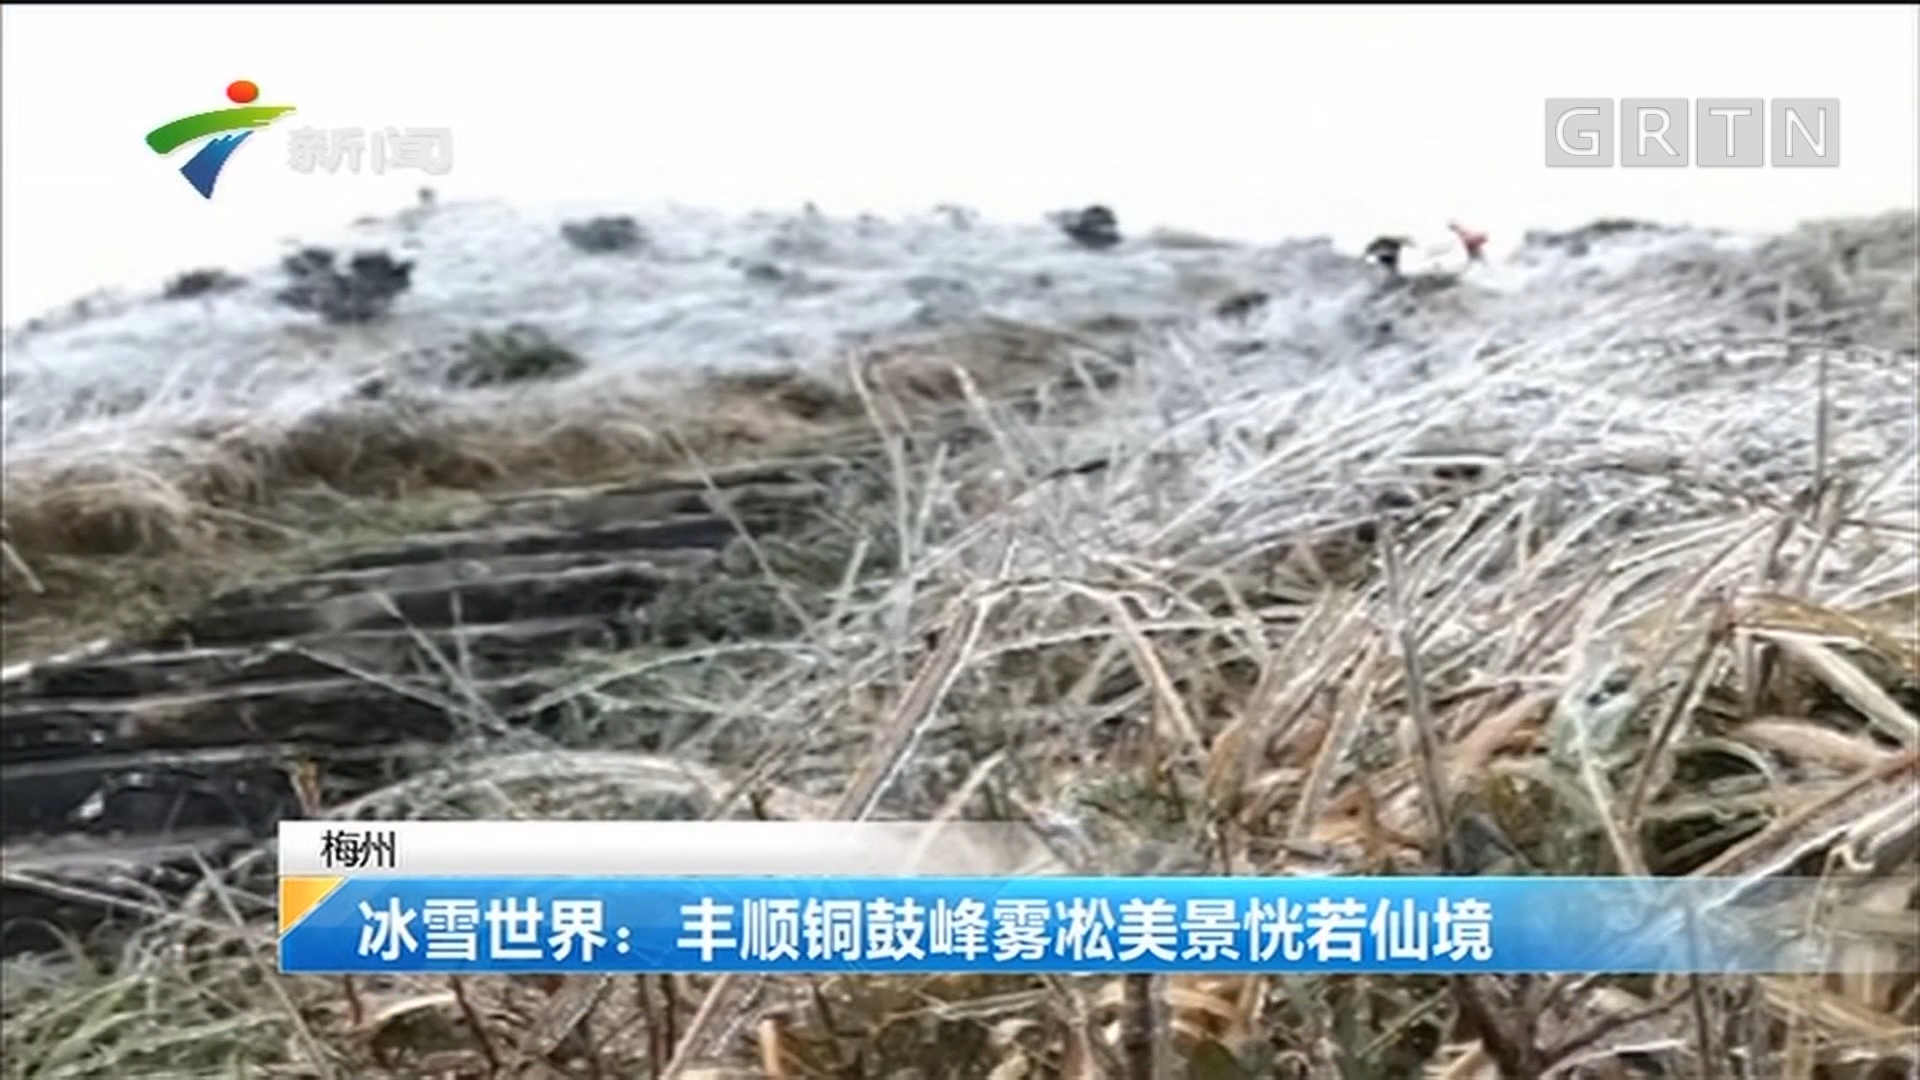 梅州 冰雪世界:丰顺铜鼓峰雾凇美景恍若仙境